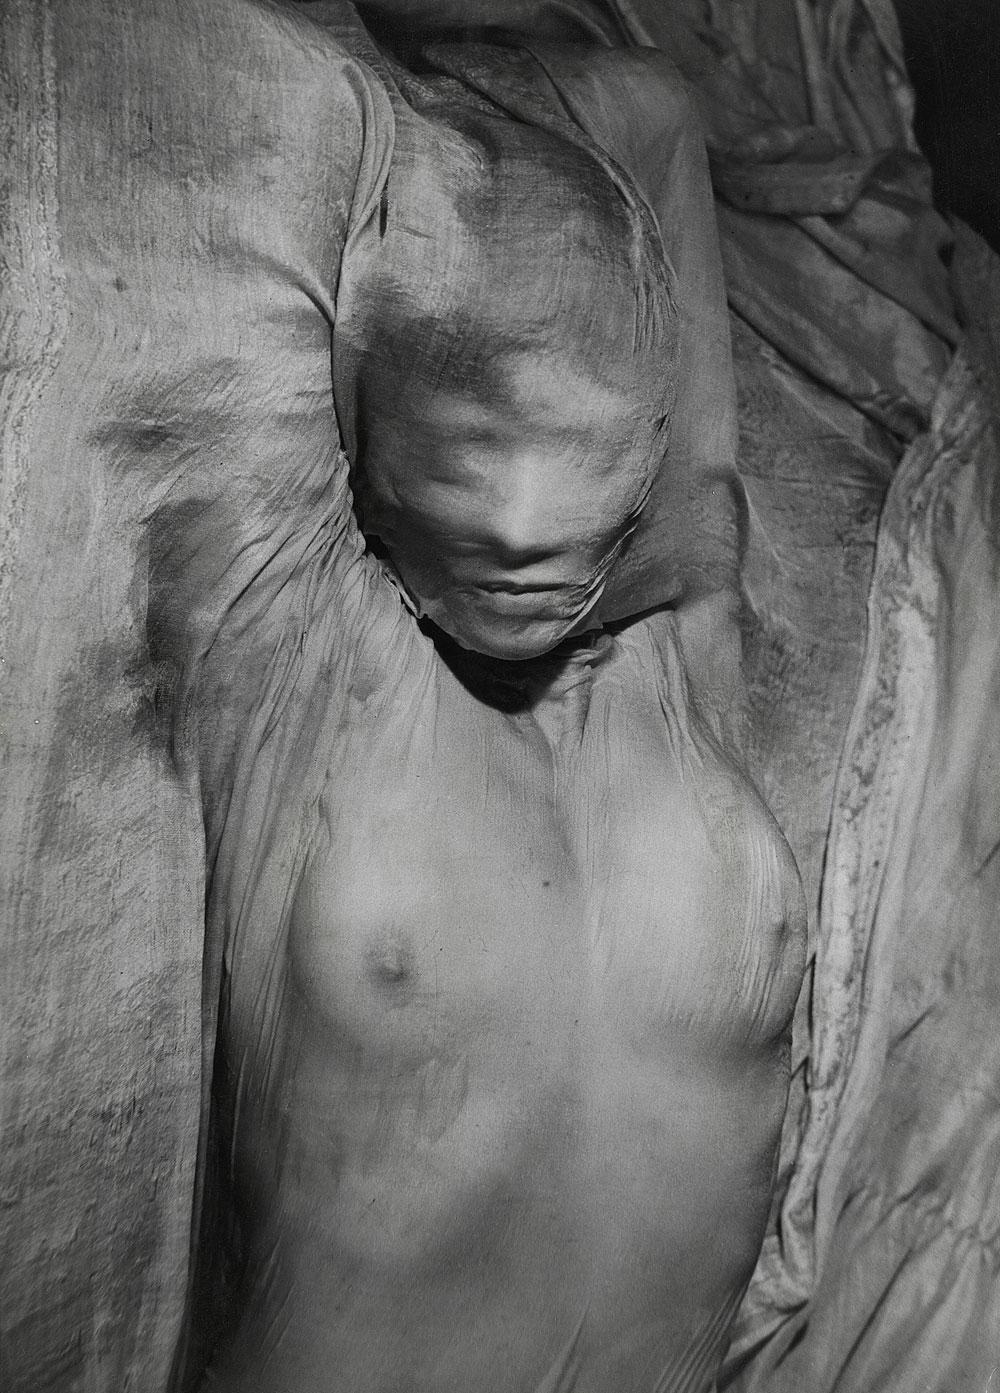 Erwin Blumenfeld Nude 1937 © The Estate of Erwin Blumenfeld